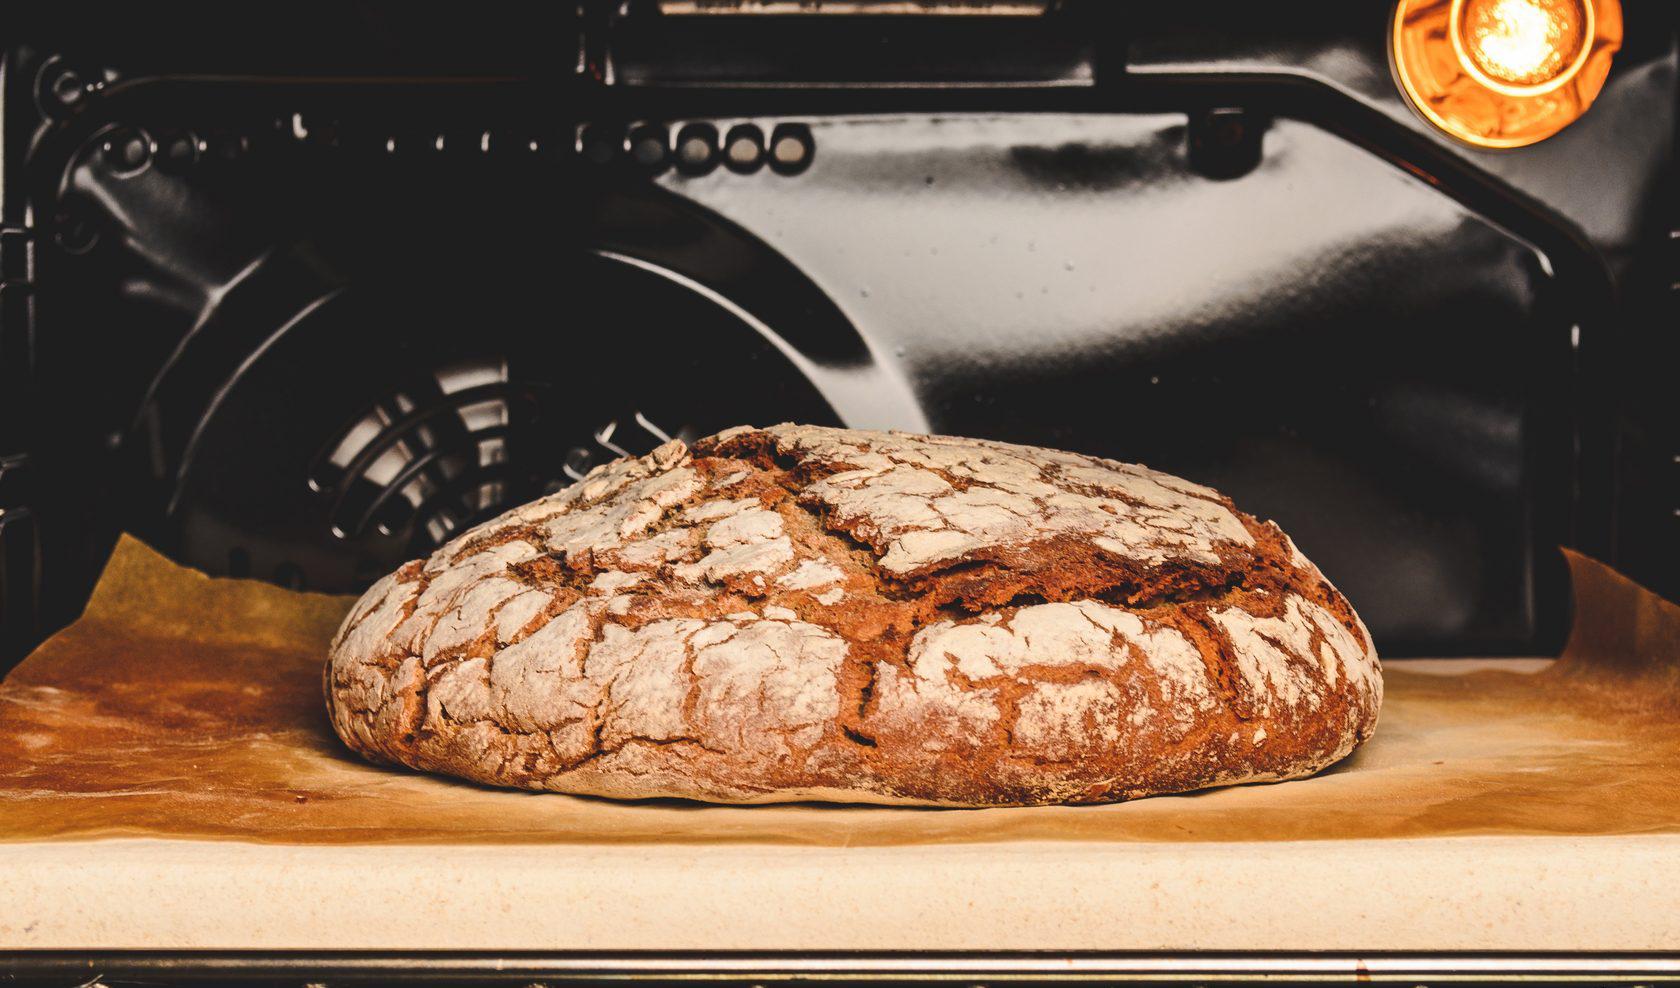 Пекарский камень с хлебом